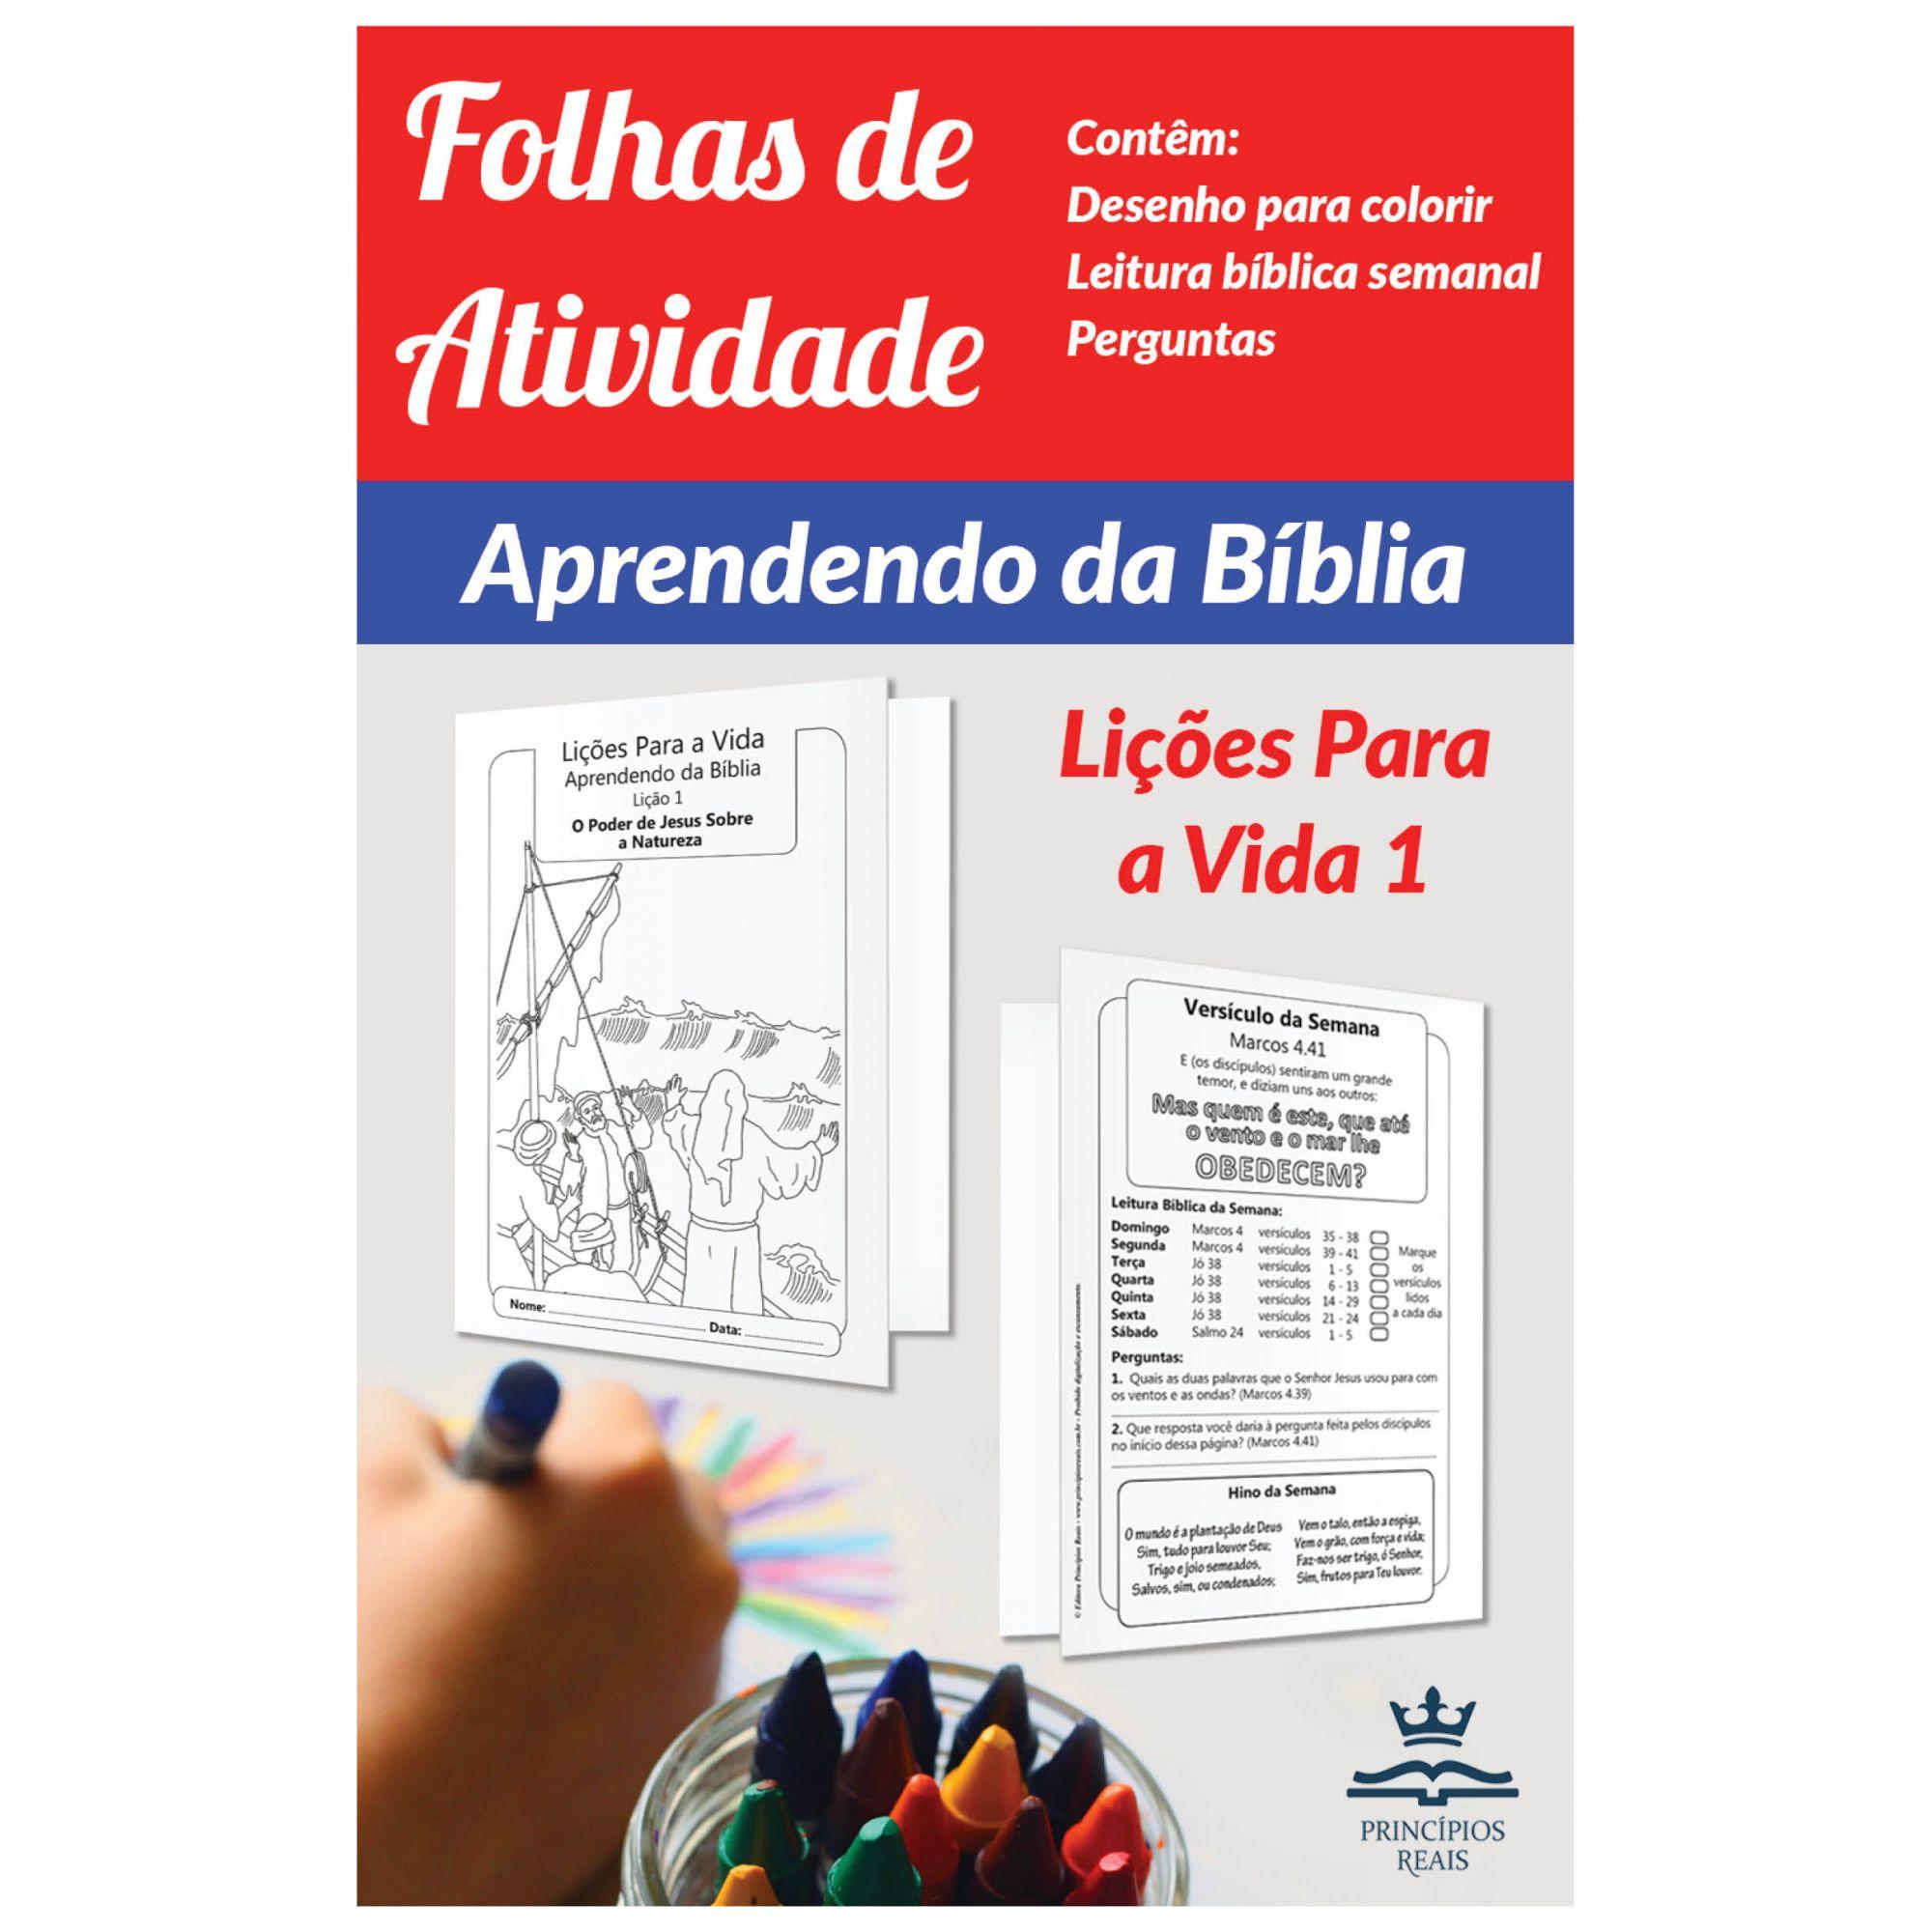 CURSO DE ESTUDO: APRENDENDO DA BÍBLIA - Volume 1